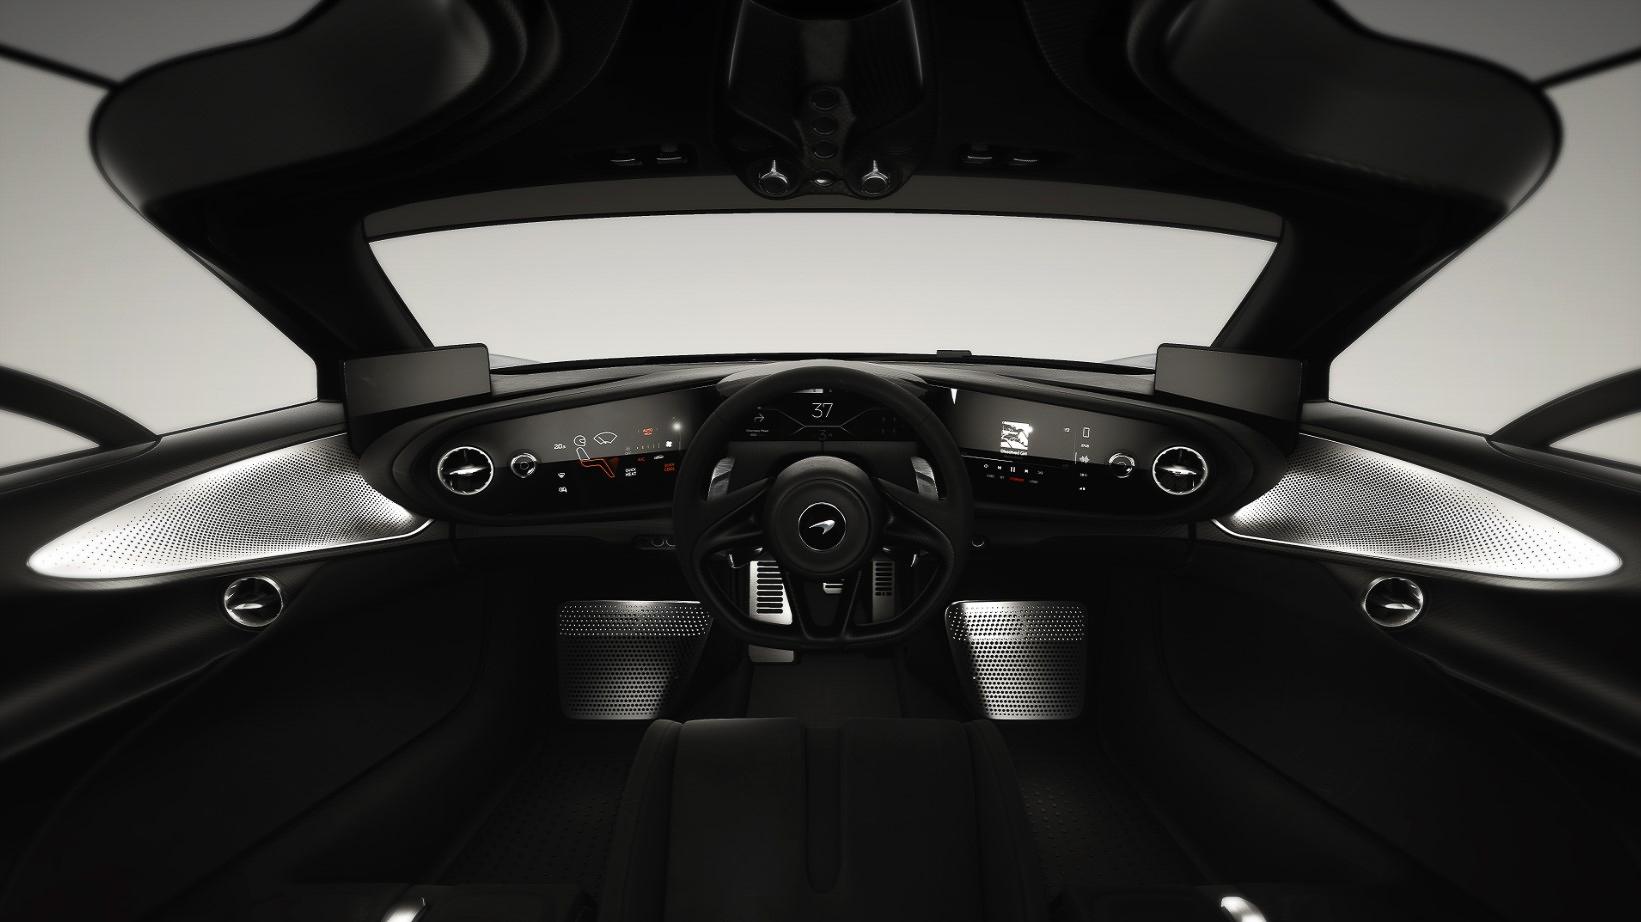 Bowers & Wilkins - McLaren